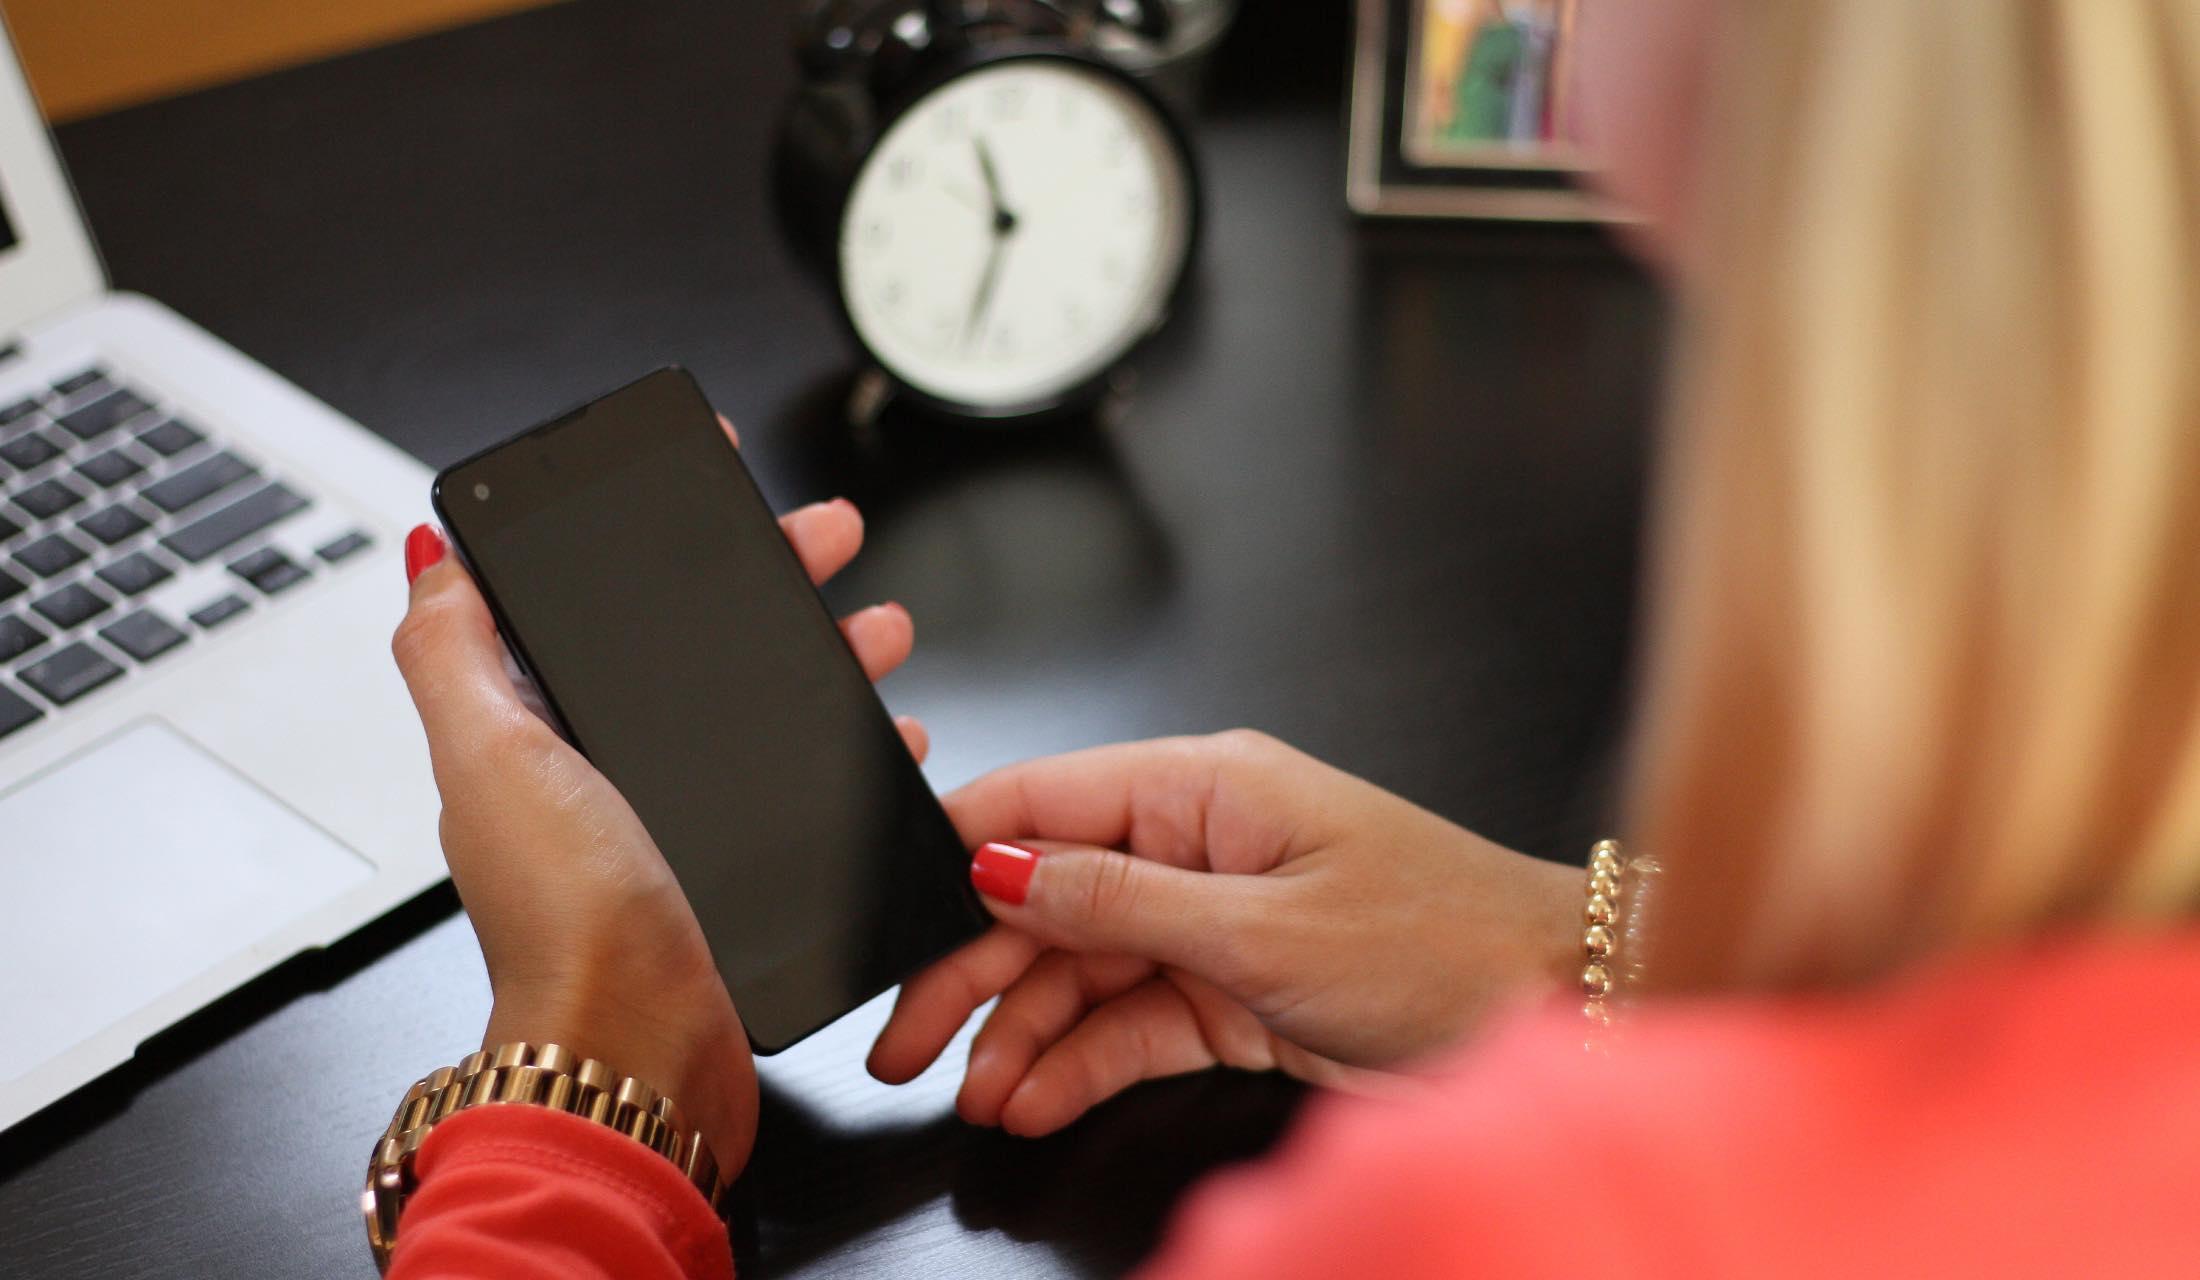 スマートフォンを手にしている女性